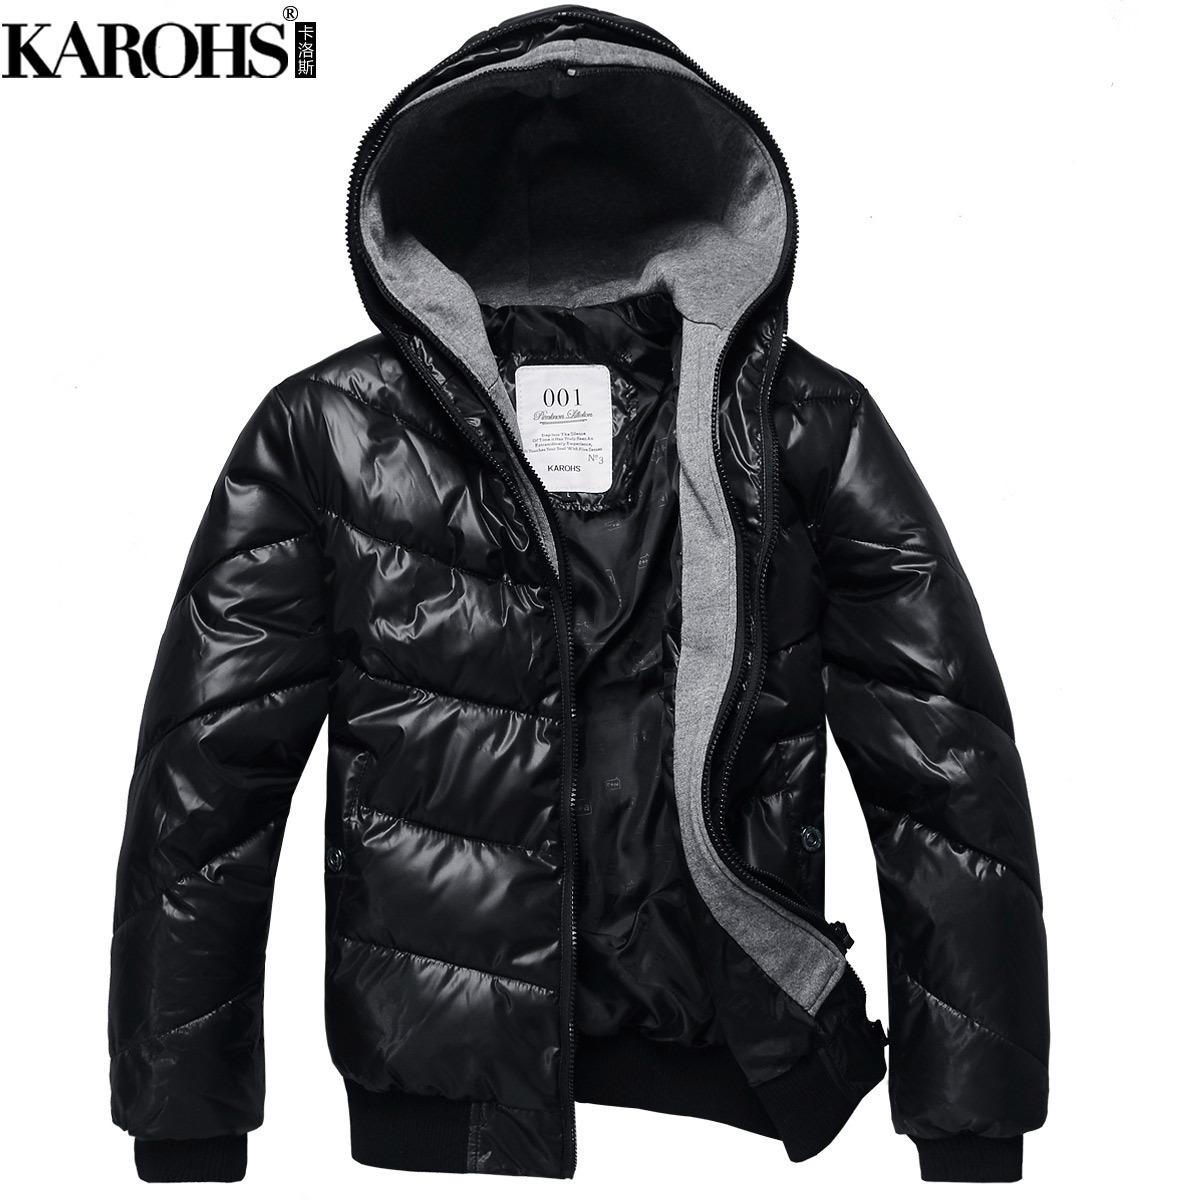 karohs冬装新款超保暖加厚修身棉衣男装外套潮男士加大码棉服6007